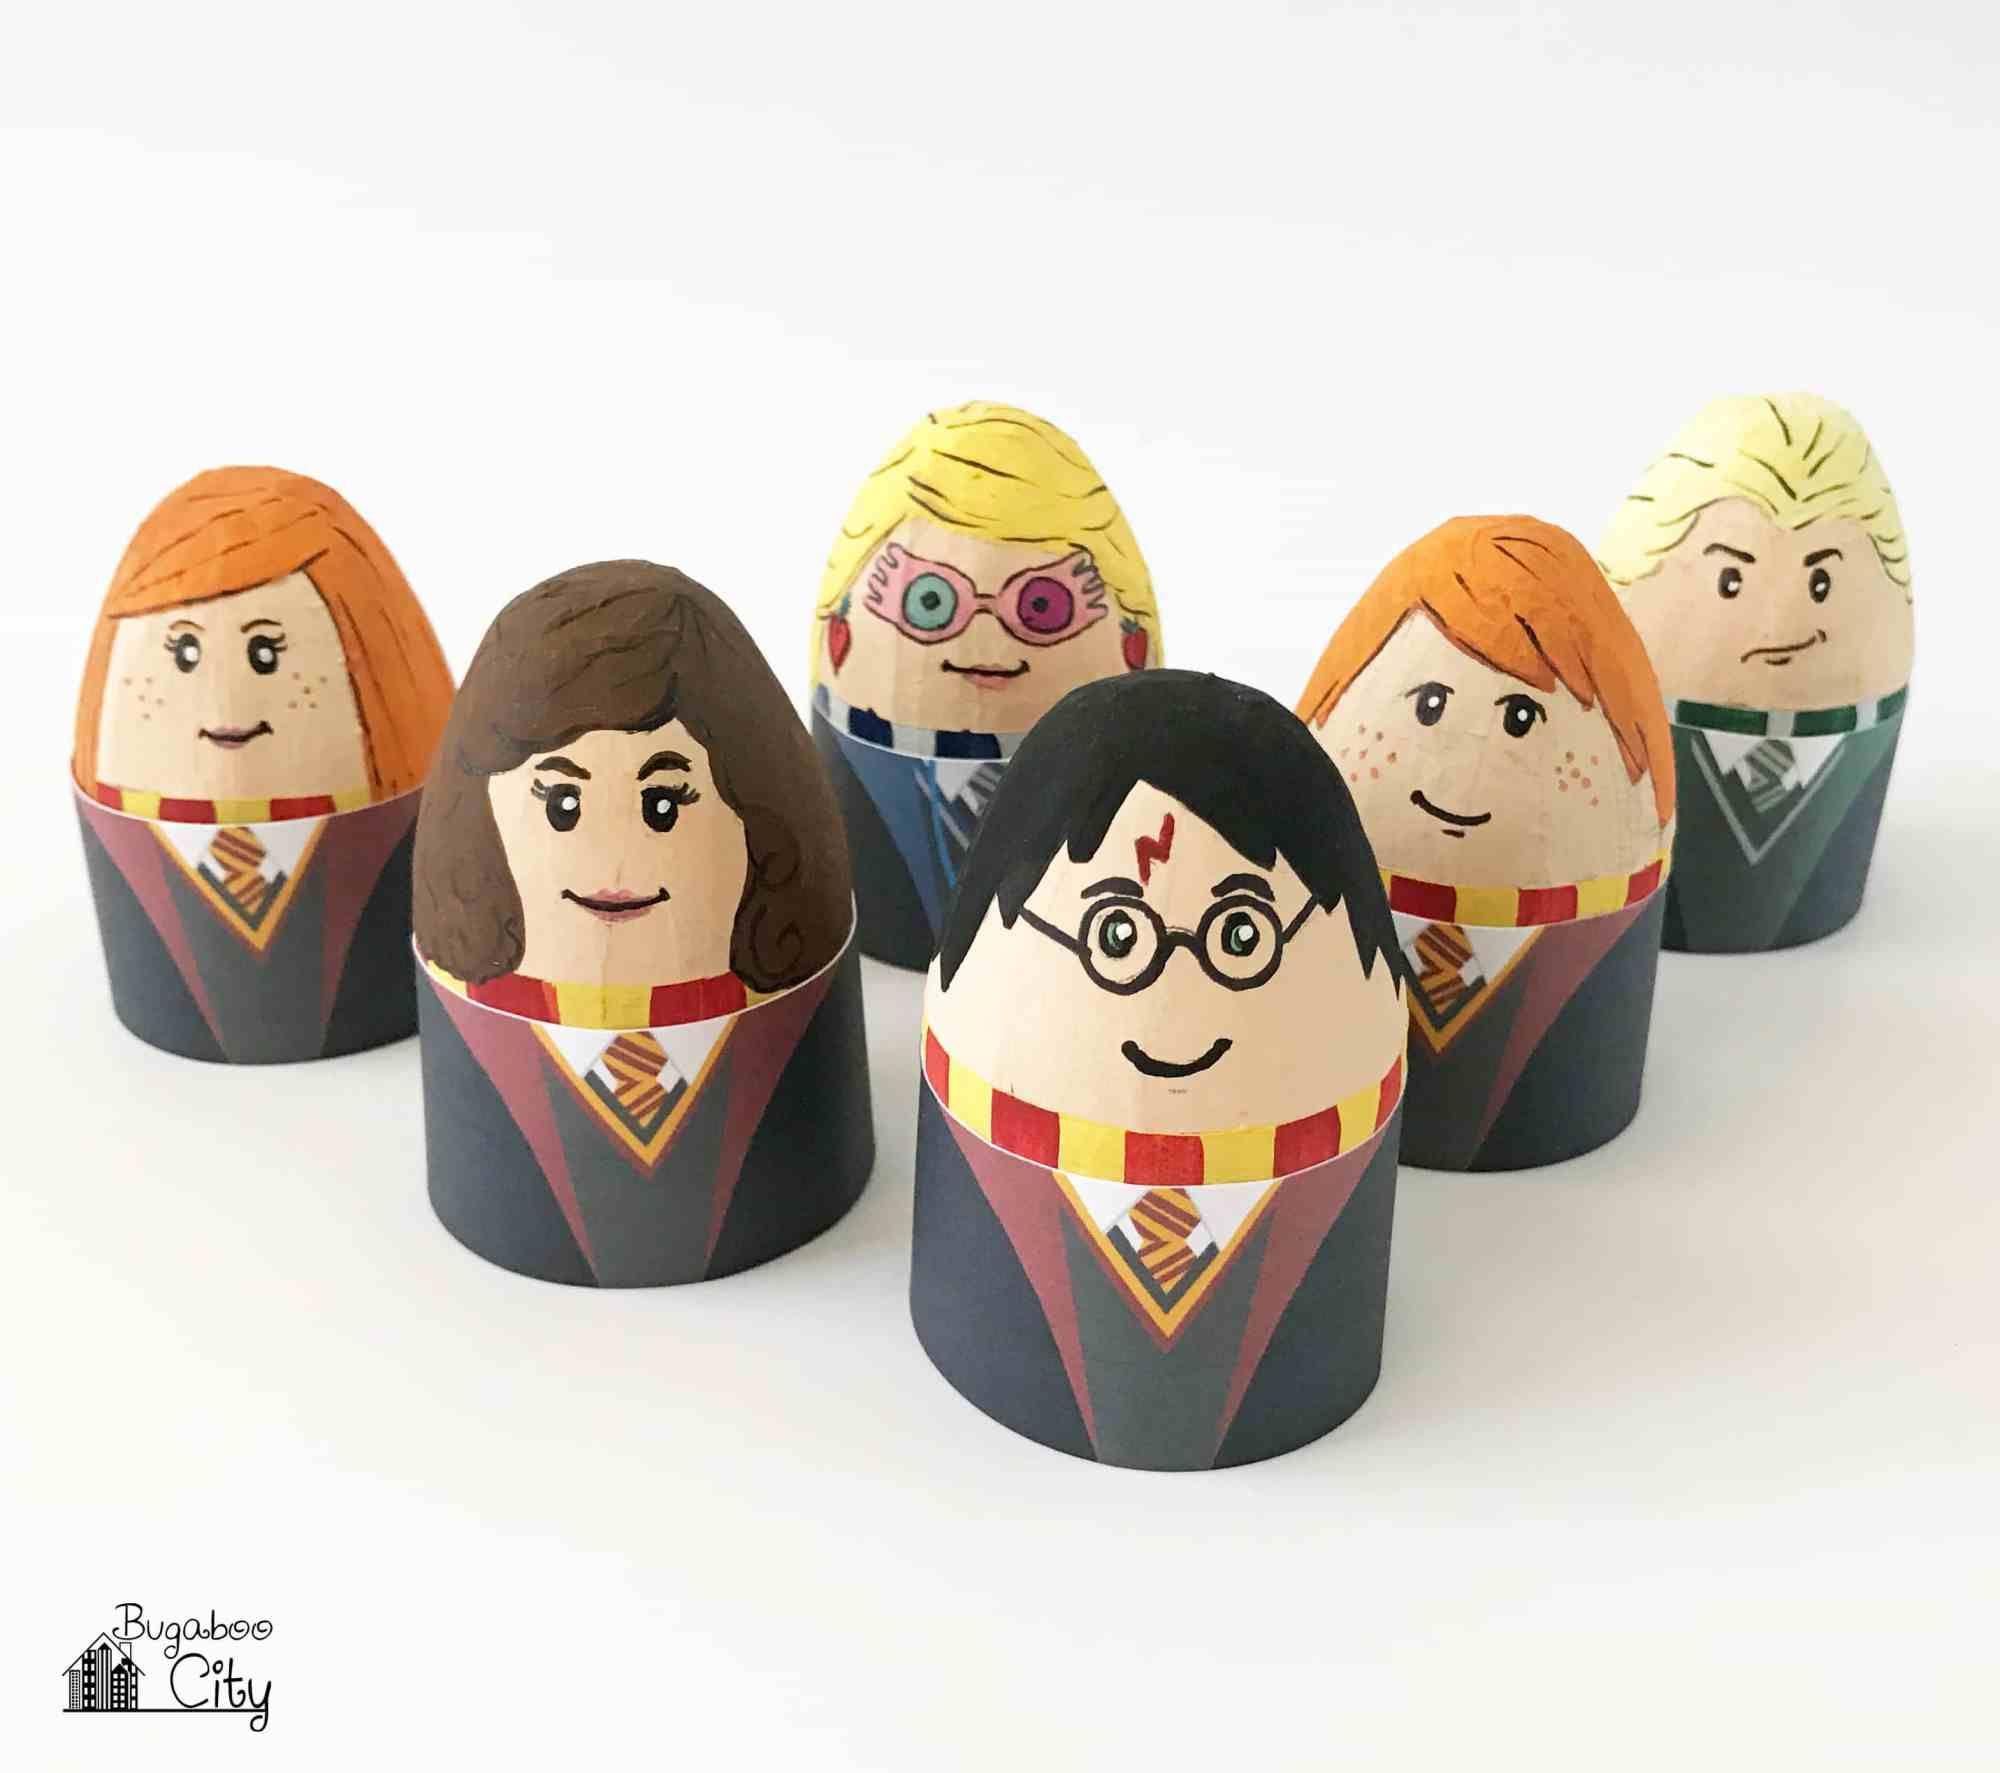 Harry Potter Easter Eggs Free Printable Egg Wrappers Harry Potter Easter Eggs Unique Easter Eggs Easter Egg Designs